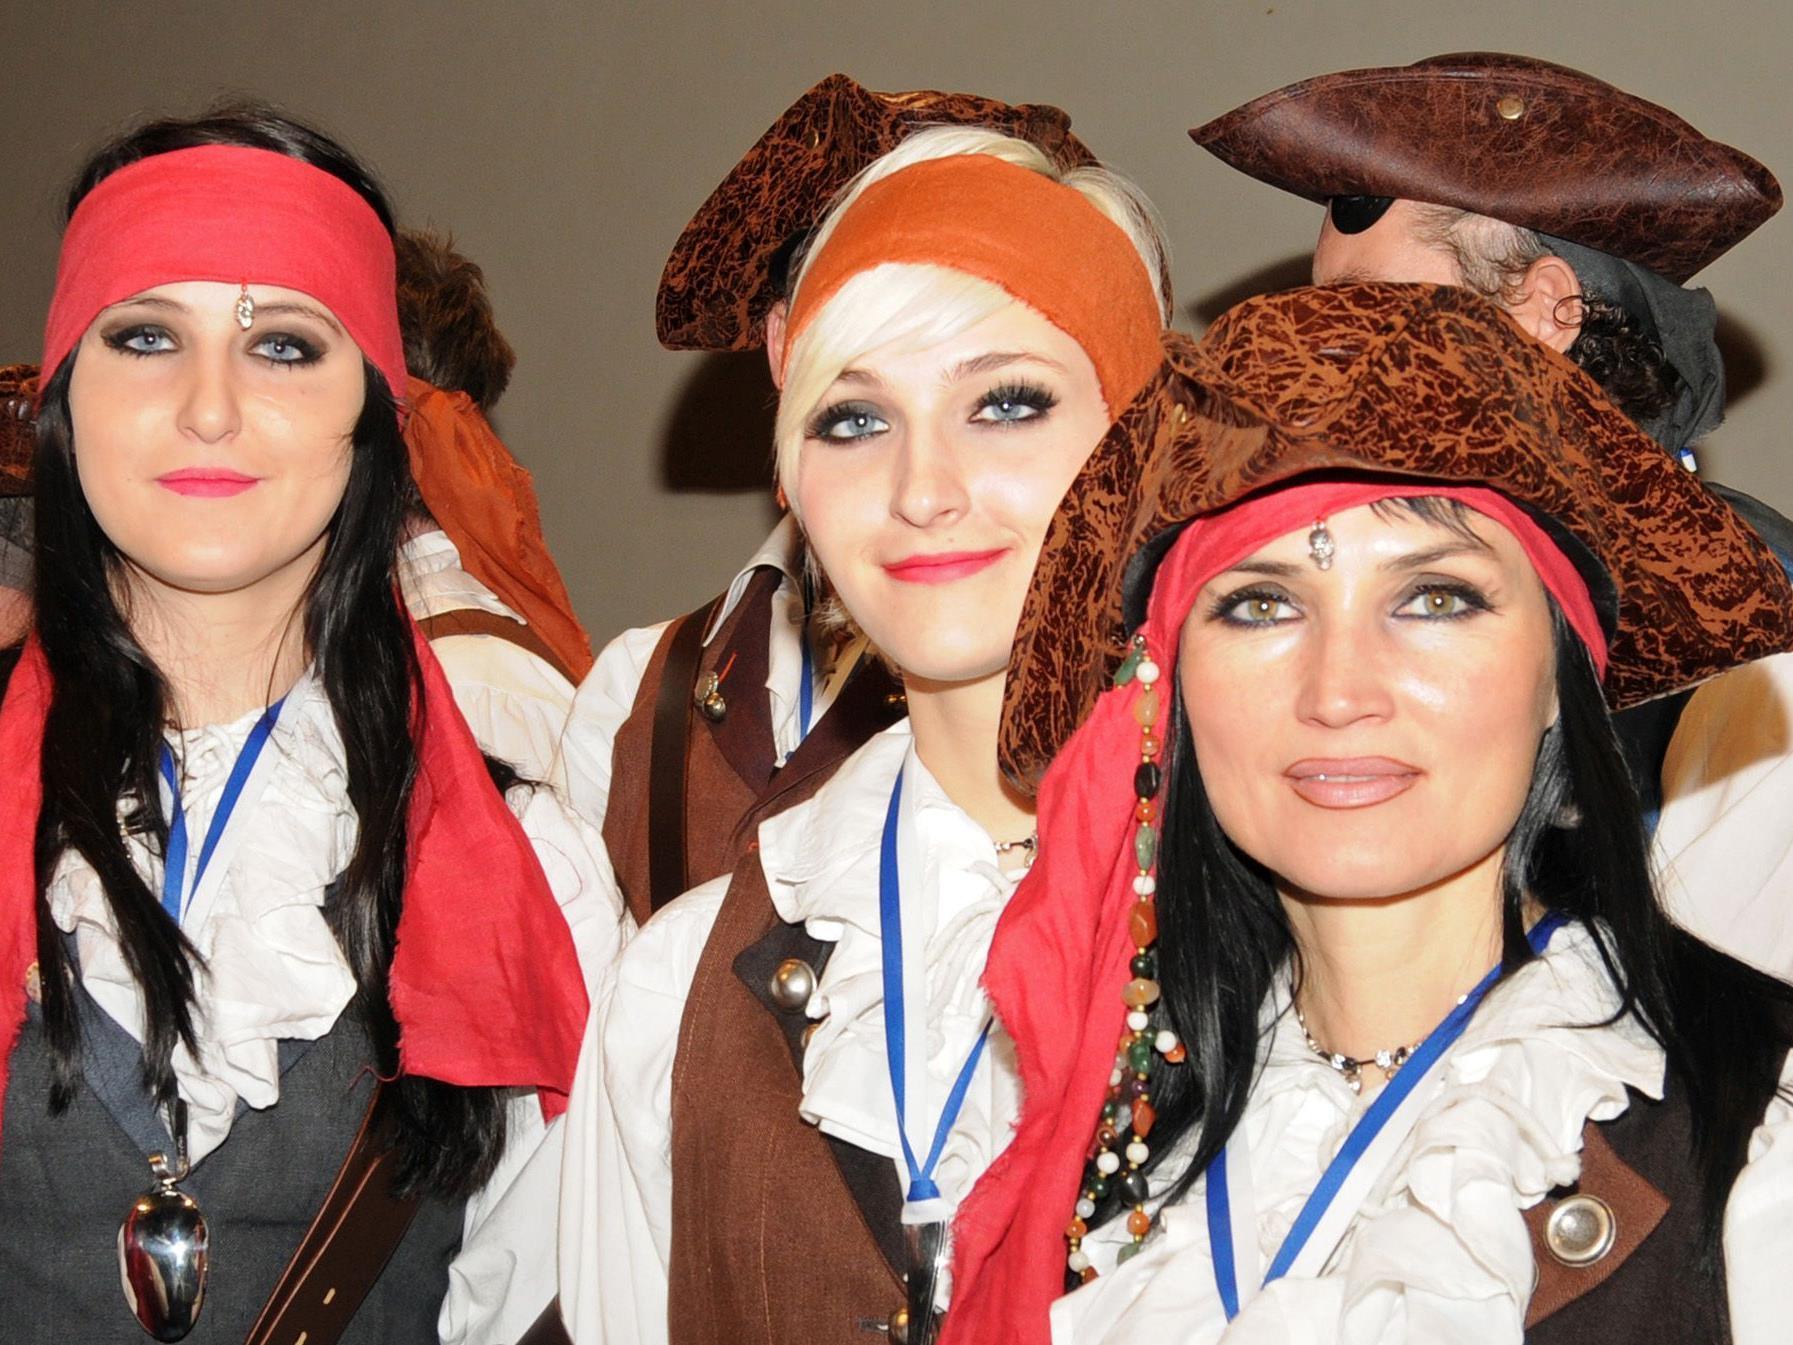 Flotte Piratenbräute im Gefolge von Prinz Ore LVI., Martin I., und Prinzessin Daniela I.